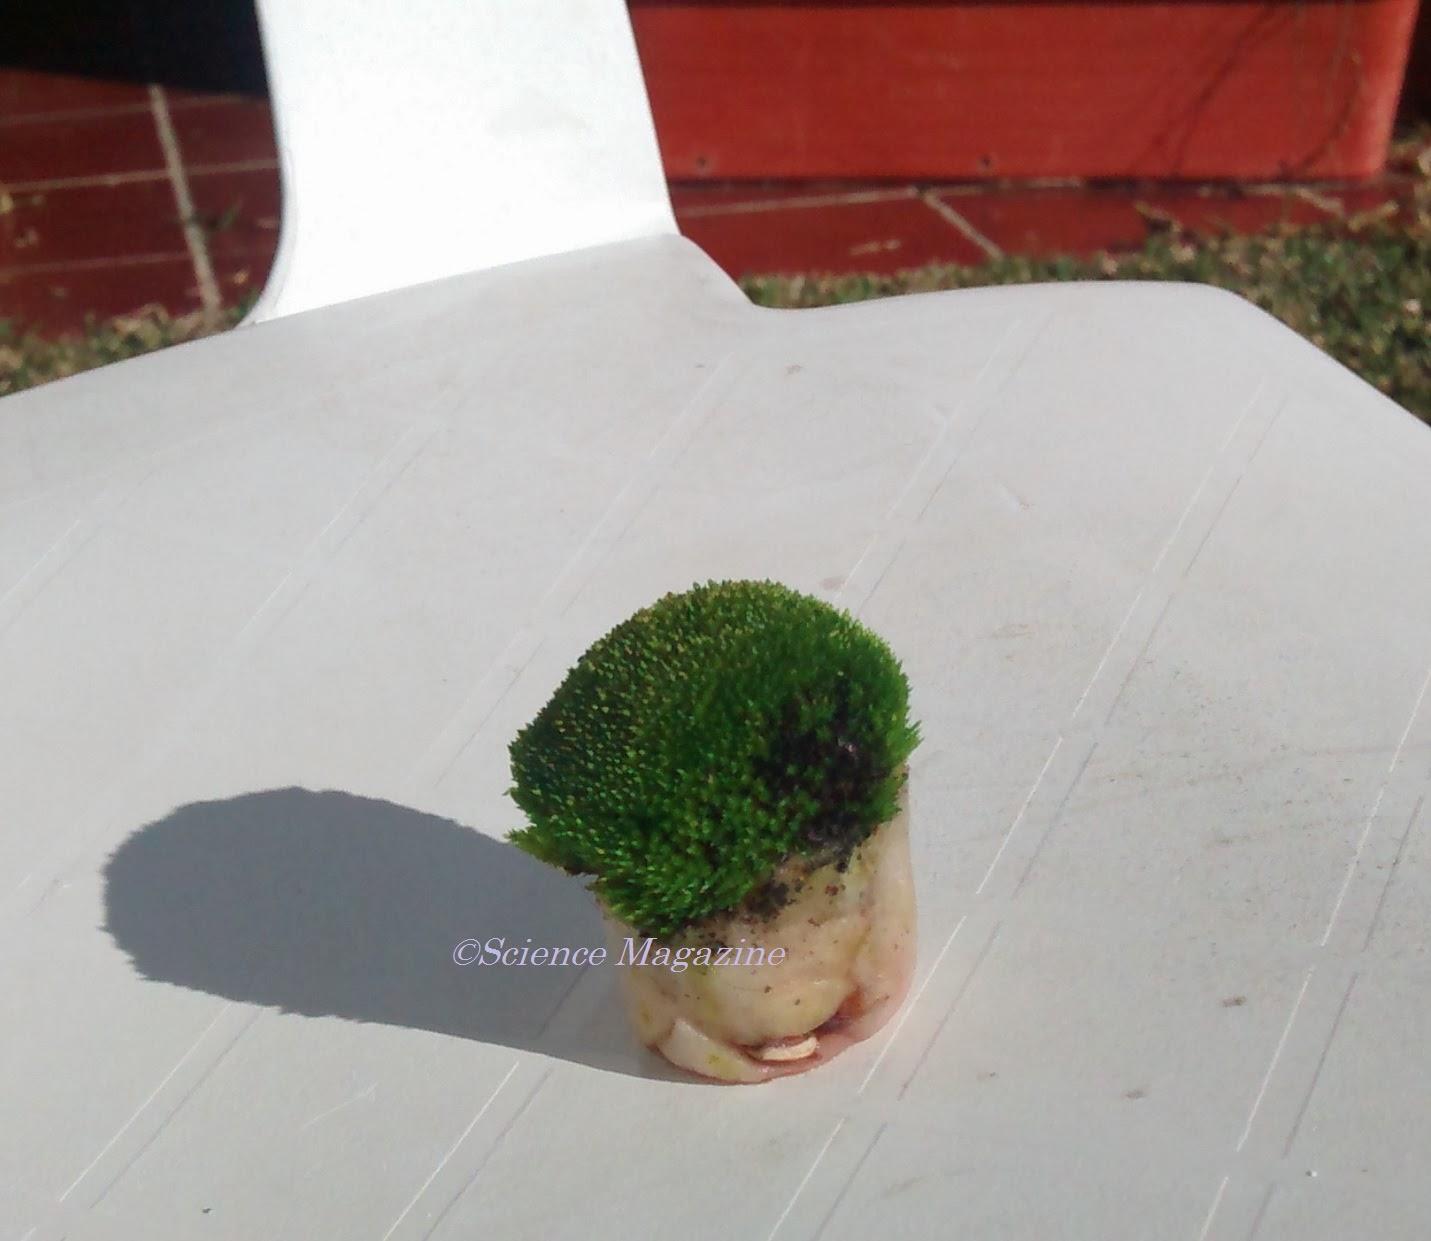 Science Magazine Growing Moss By Arturo Perez E2a